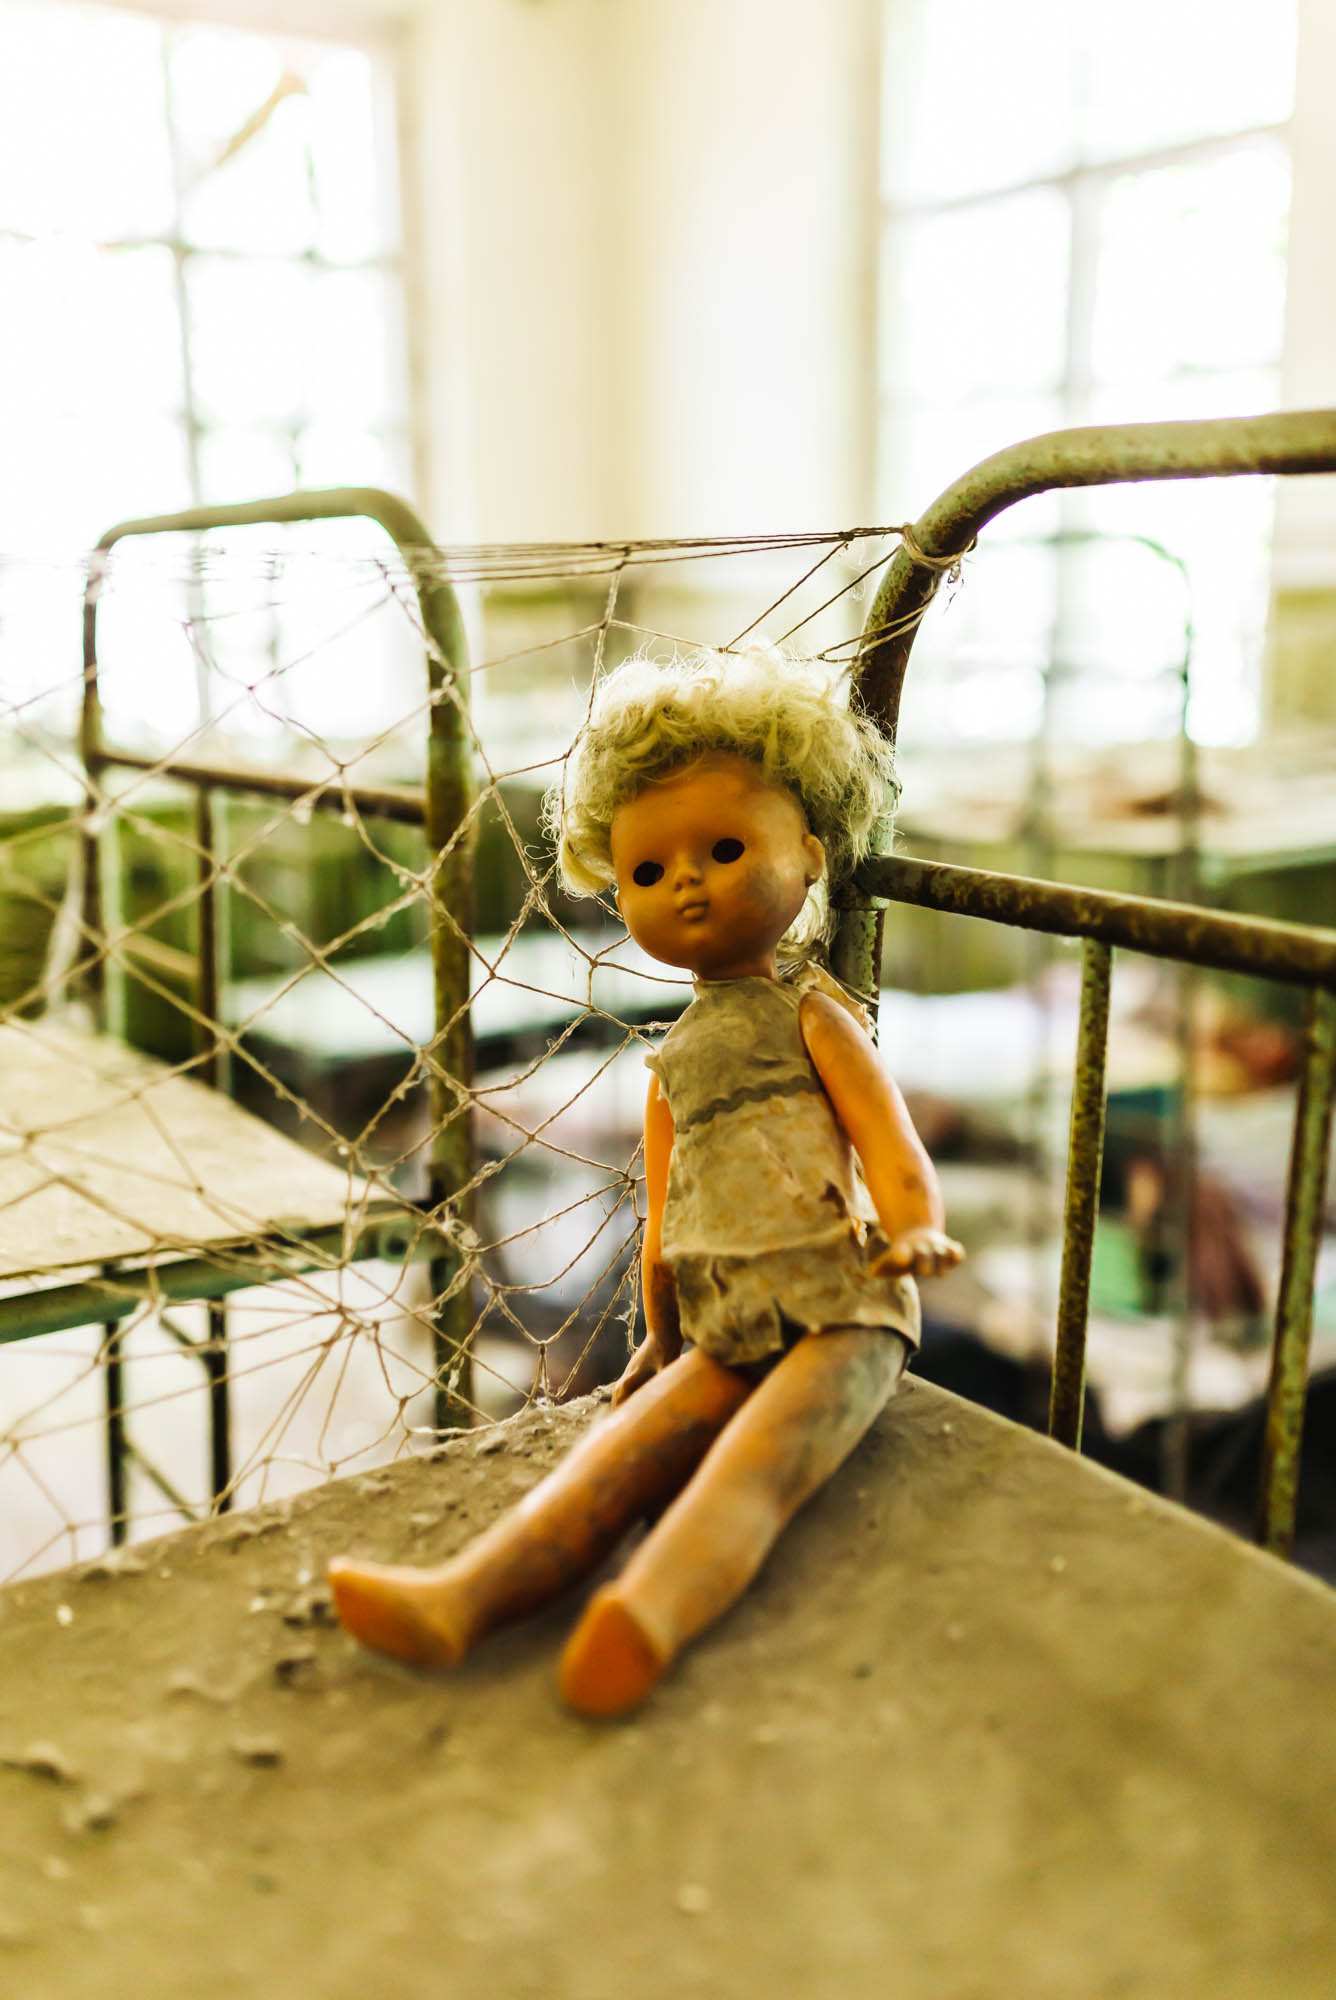 The creepy dolls of Chernobyl